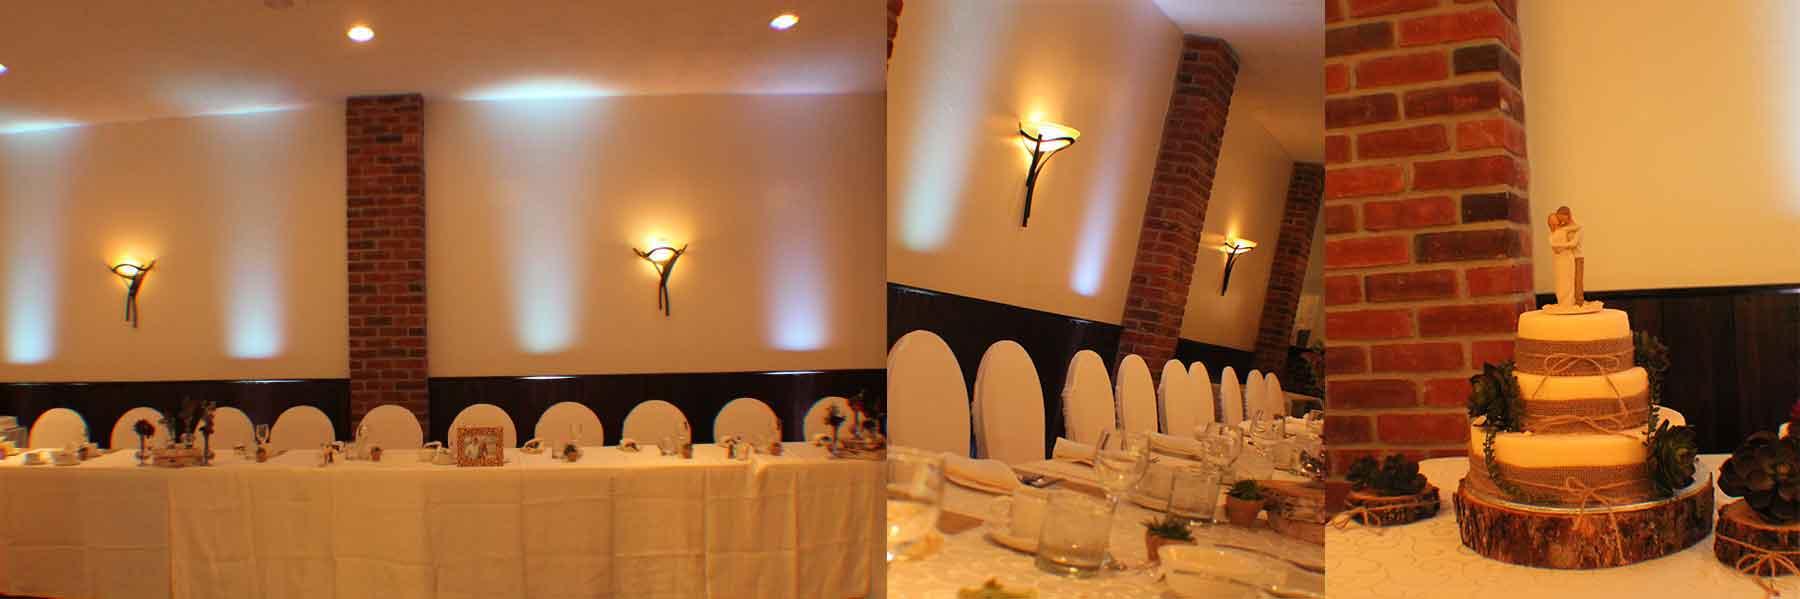 Uplighting at Fantasy Farm Wedding